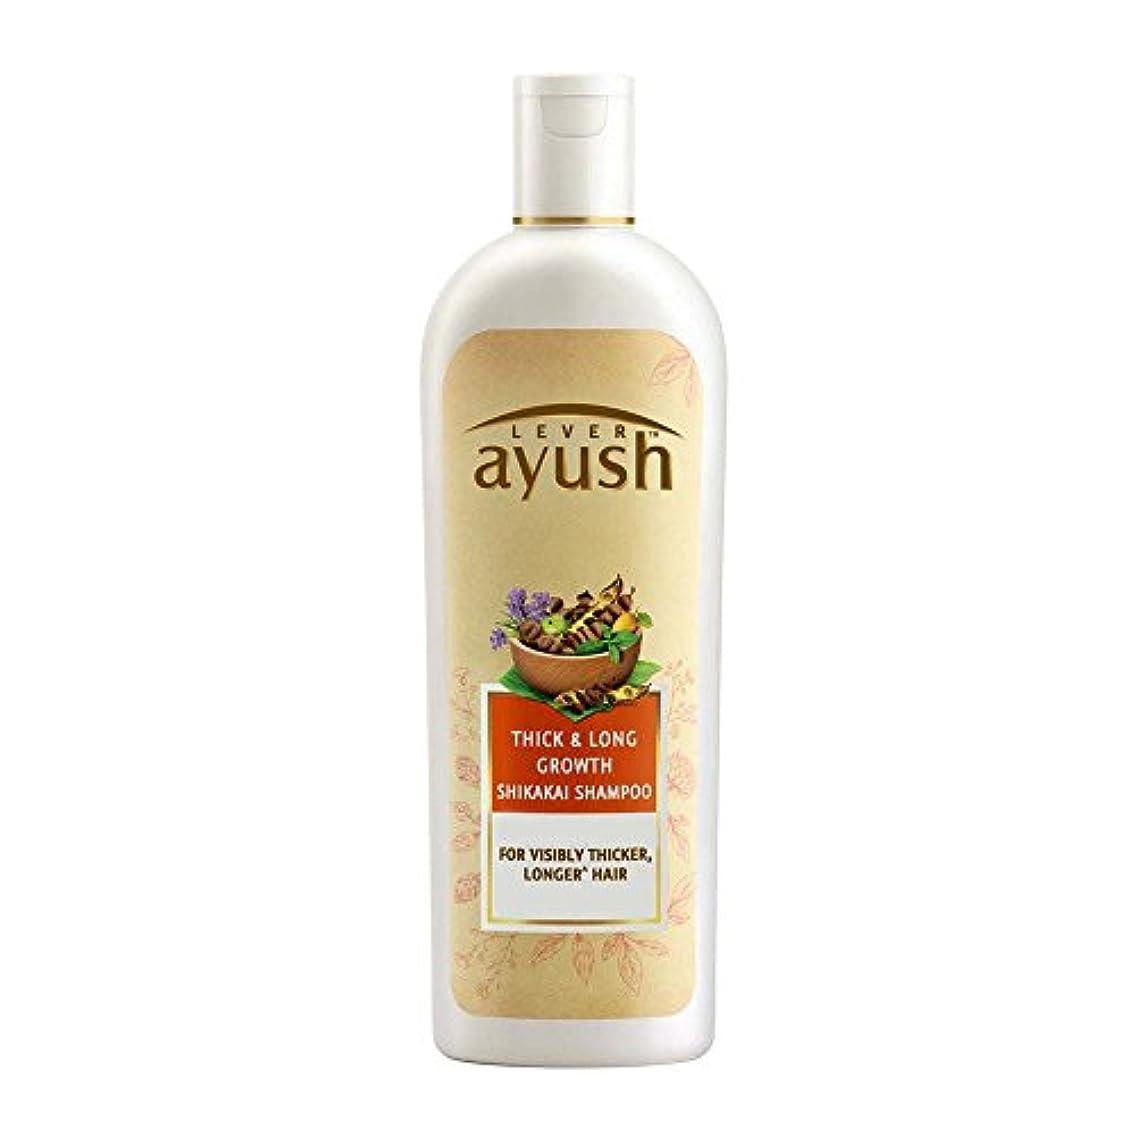 終了しました拍手する賞Lever Ayush Thick and Long Growth Shikakai Shampoo, 175ml - 並行輸入品 - レバーアユッシュシック&ロンググローブシカカイシャンプー、175ml